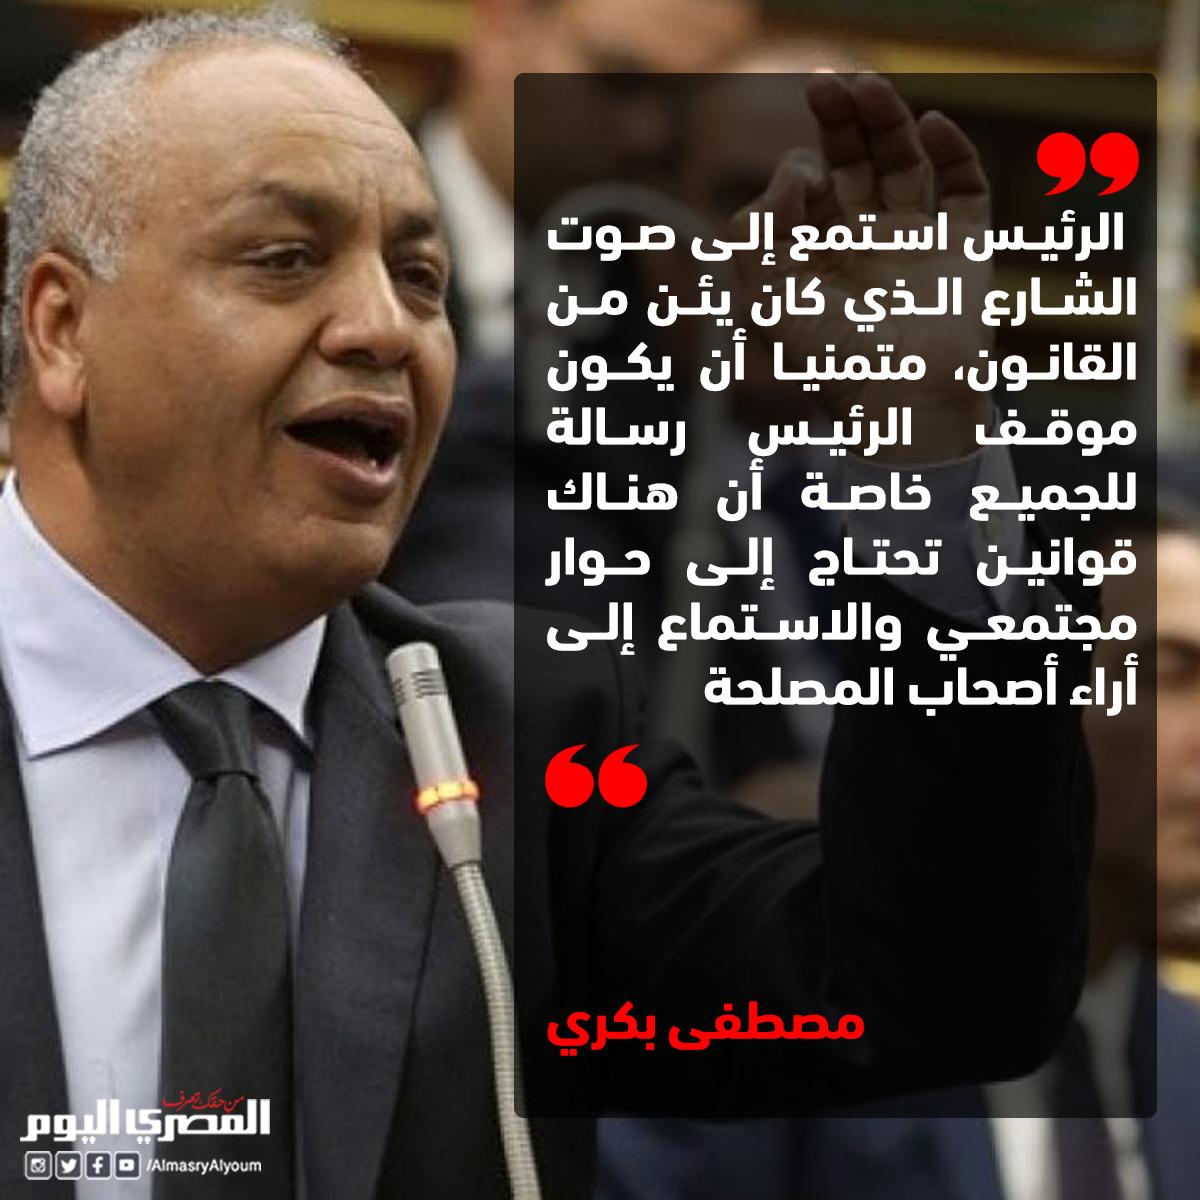 مصطفى بكري تأجيل السيسي قانون الشهر العقاري رسالة للجميع